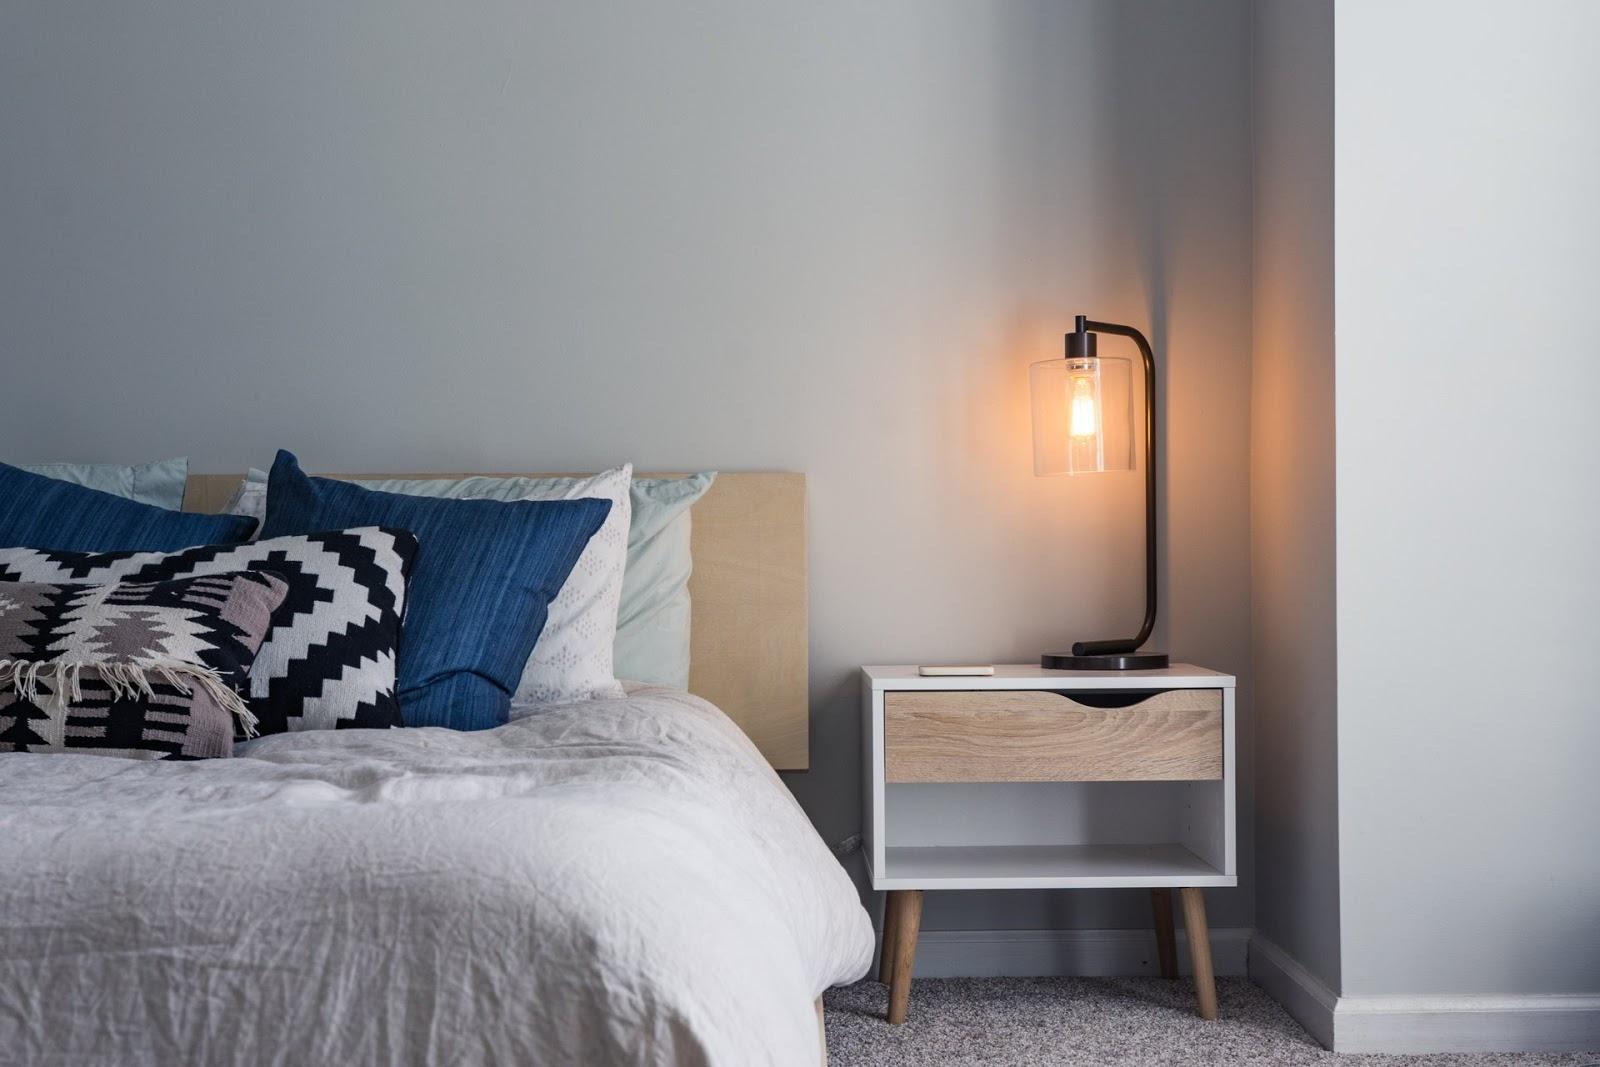 Szafka i oświetlenie to elementy obowiązkowe przy sypialnianym łóżku